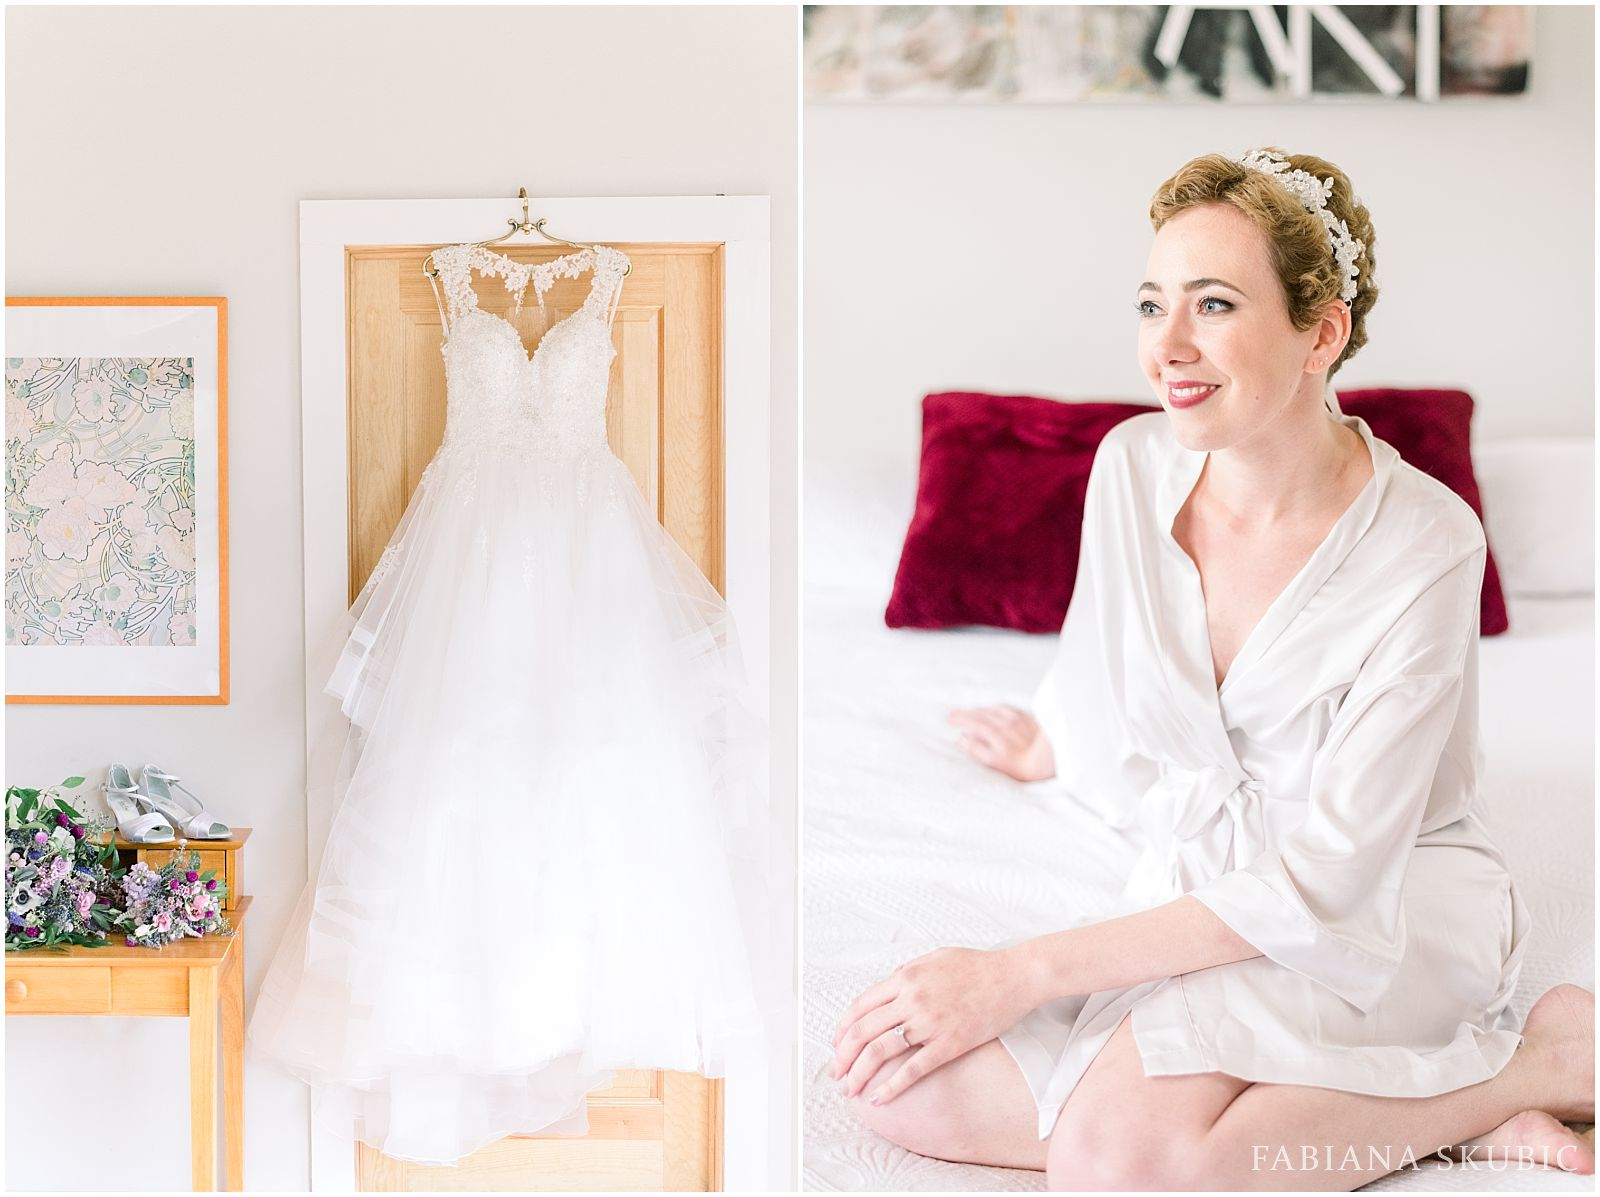 FabianaSkubic_J&M_FullMoonResort_Wedding_0008.jpg